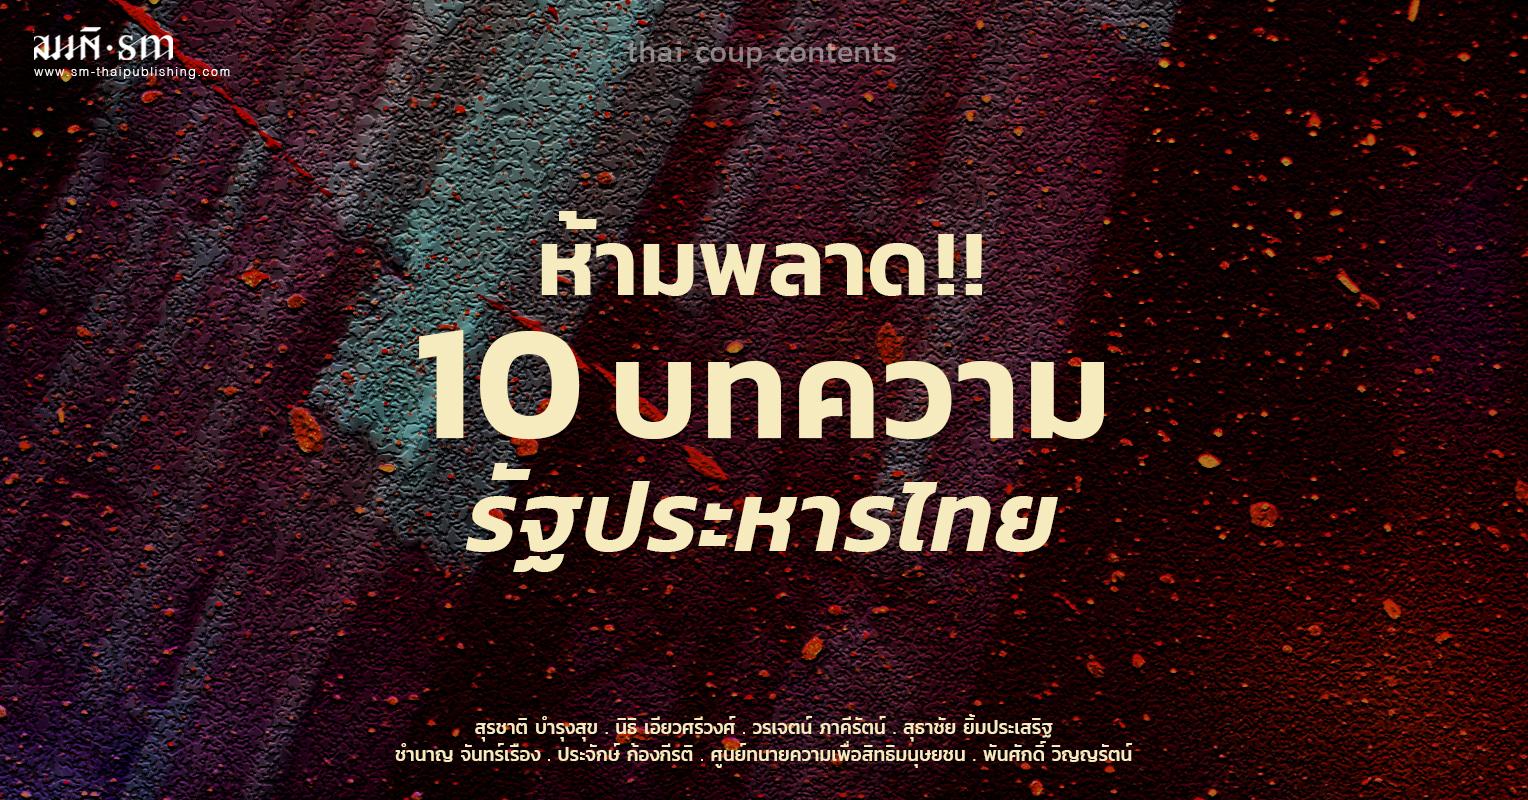 รัฐประหารไทย | รวม 10 บทความสุดเข้ม